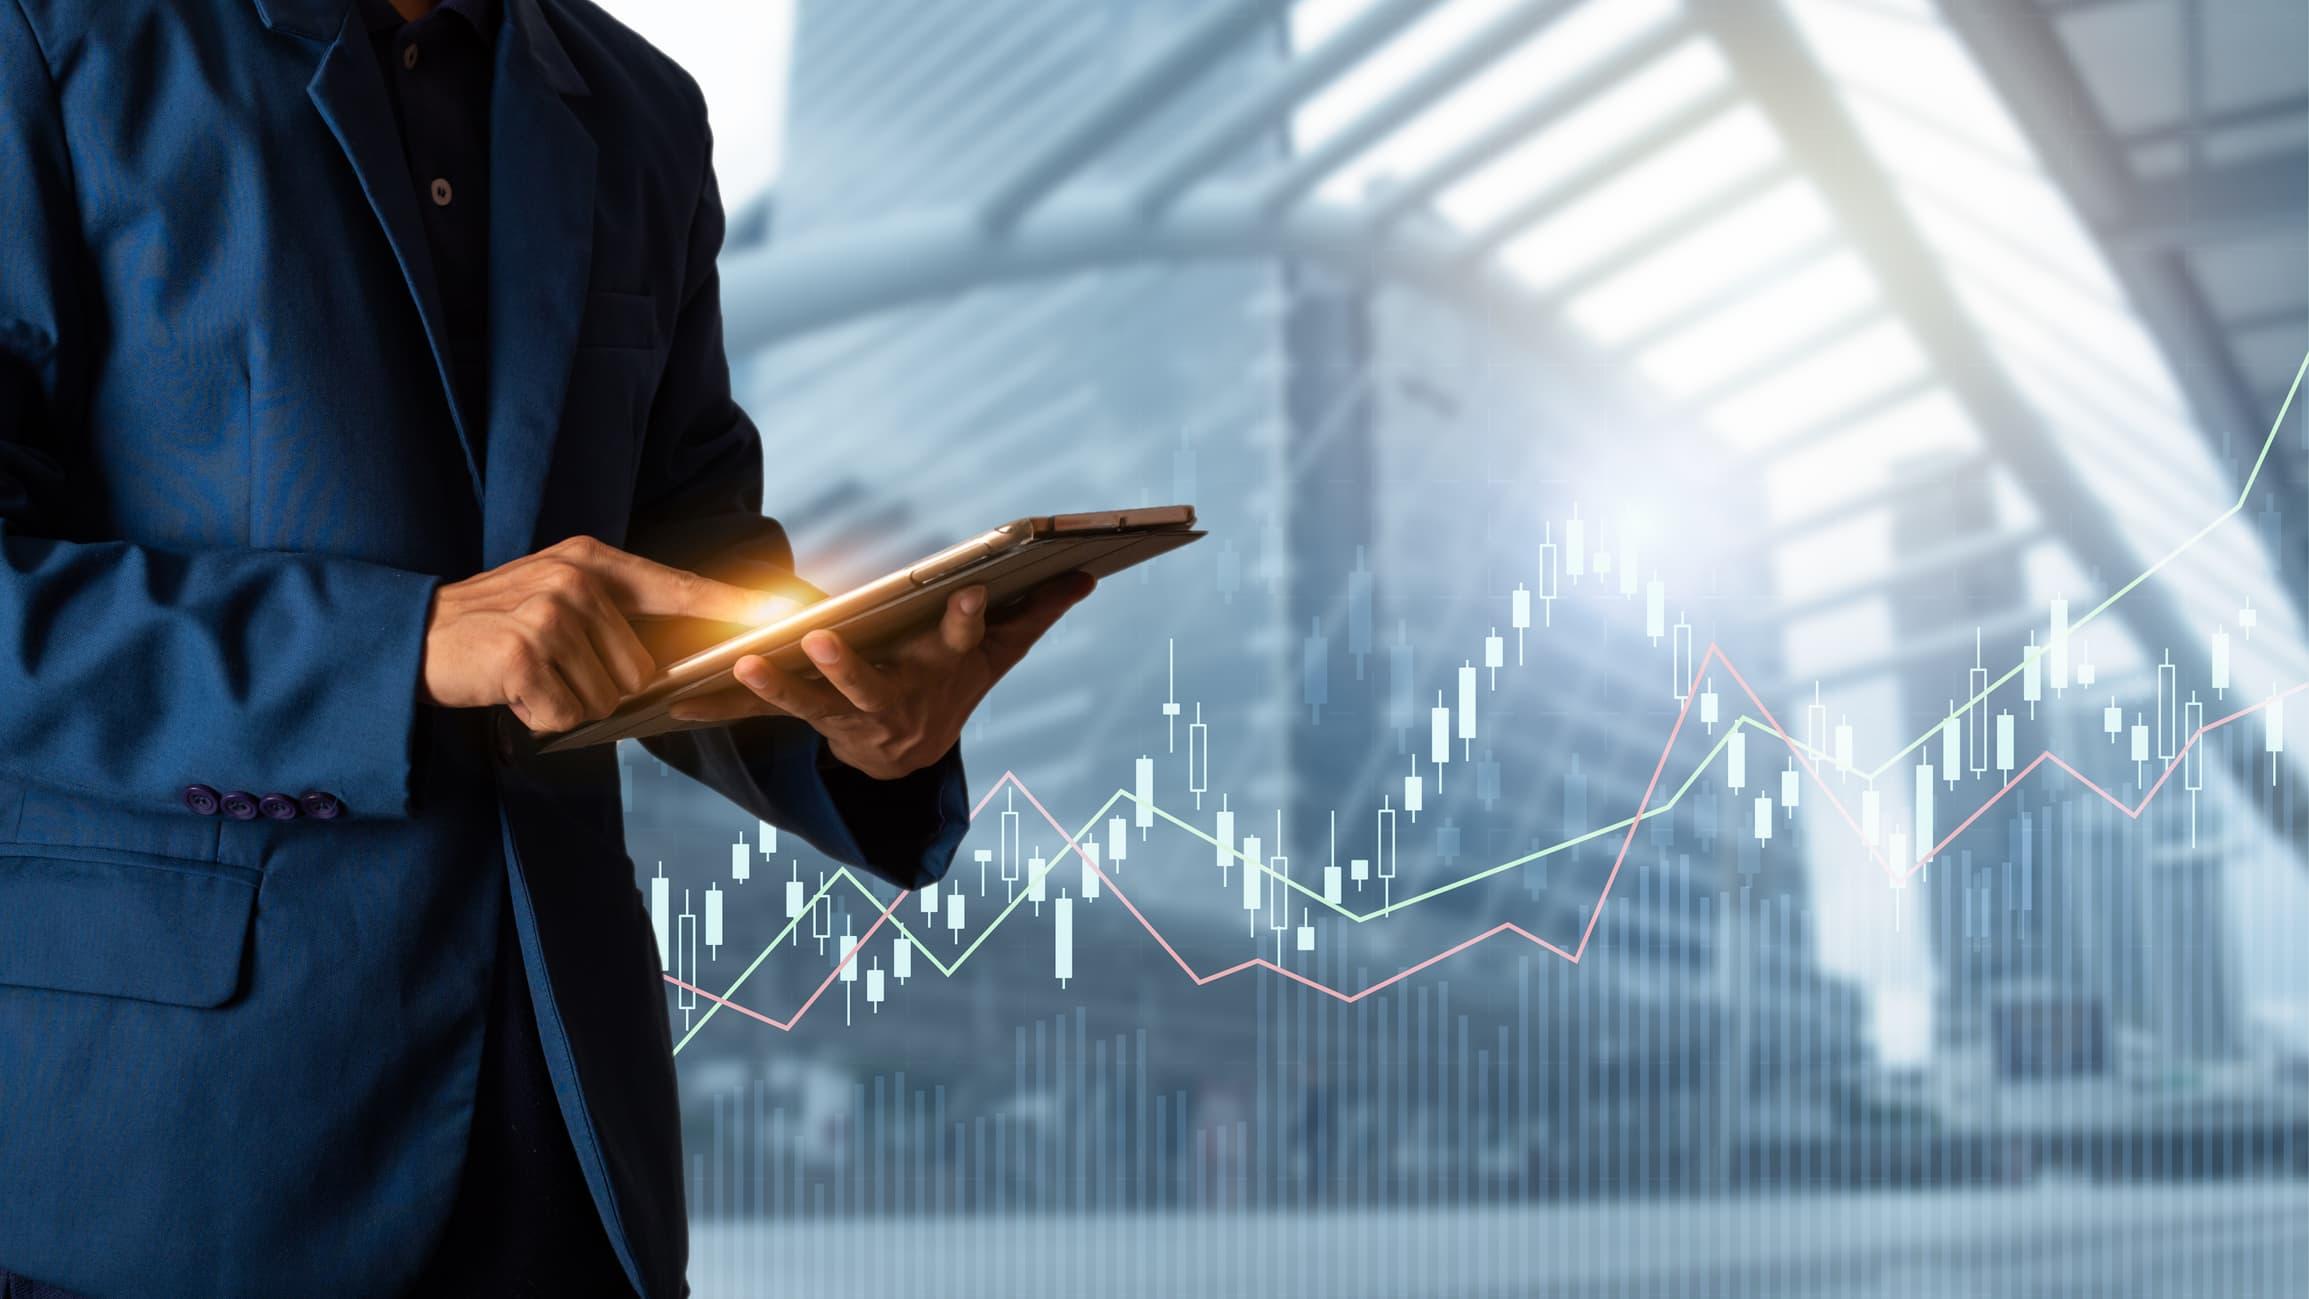 Businessmensch der auf Graphen schaut als Metapher für das Interview mit Credimi zur digitalen Kreditvergabe